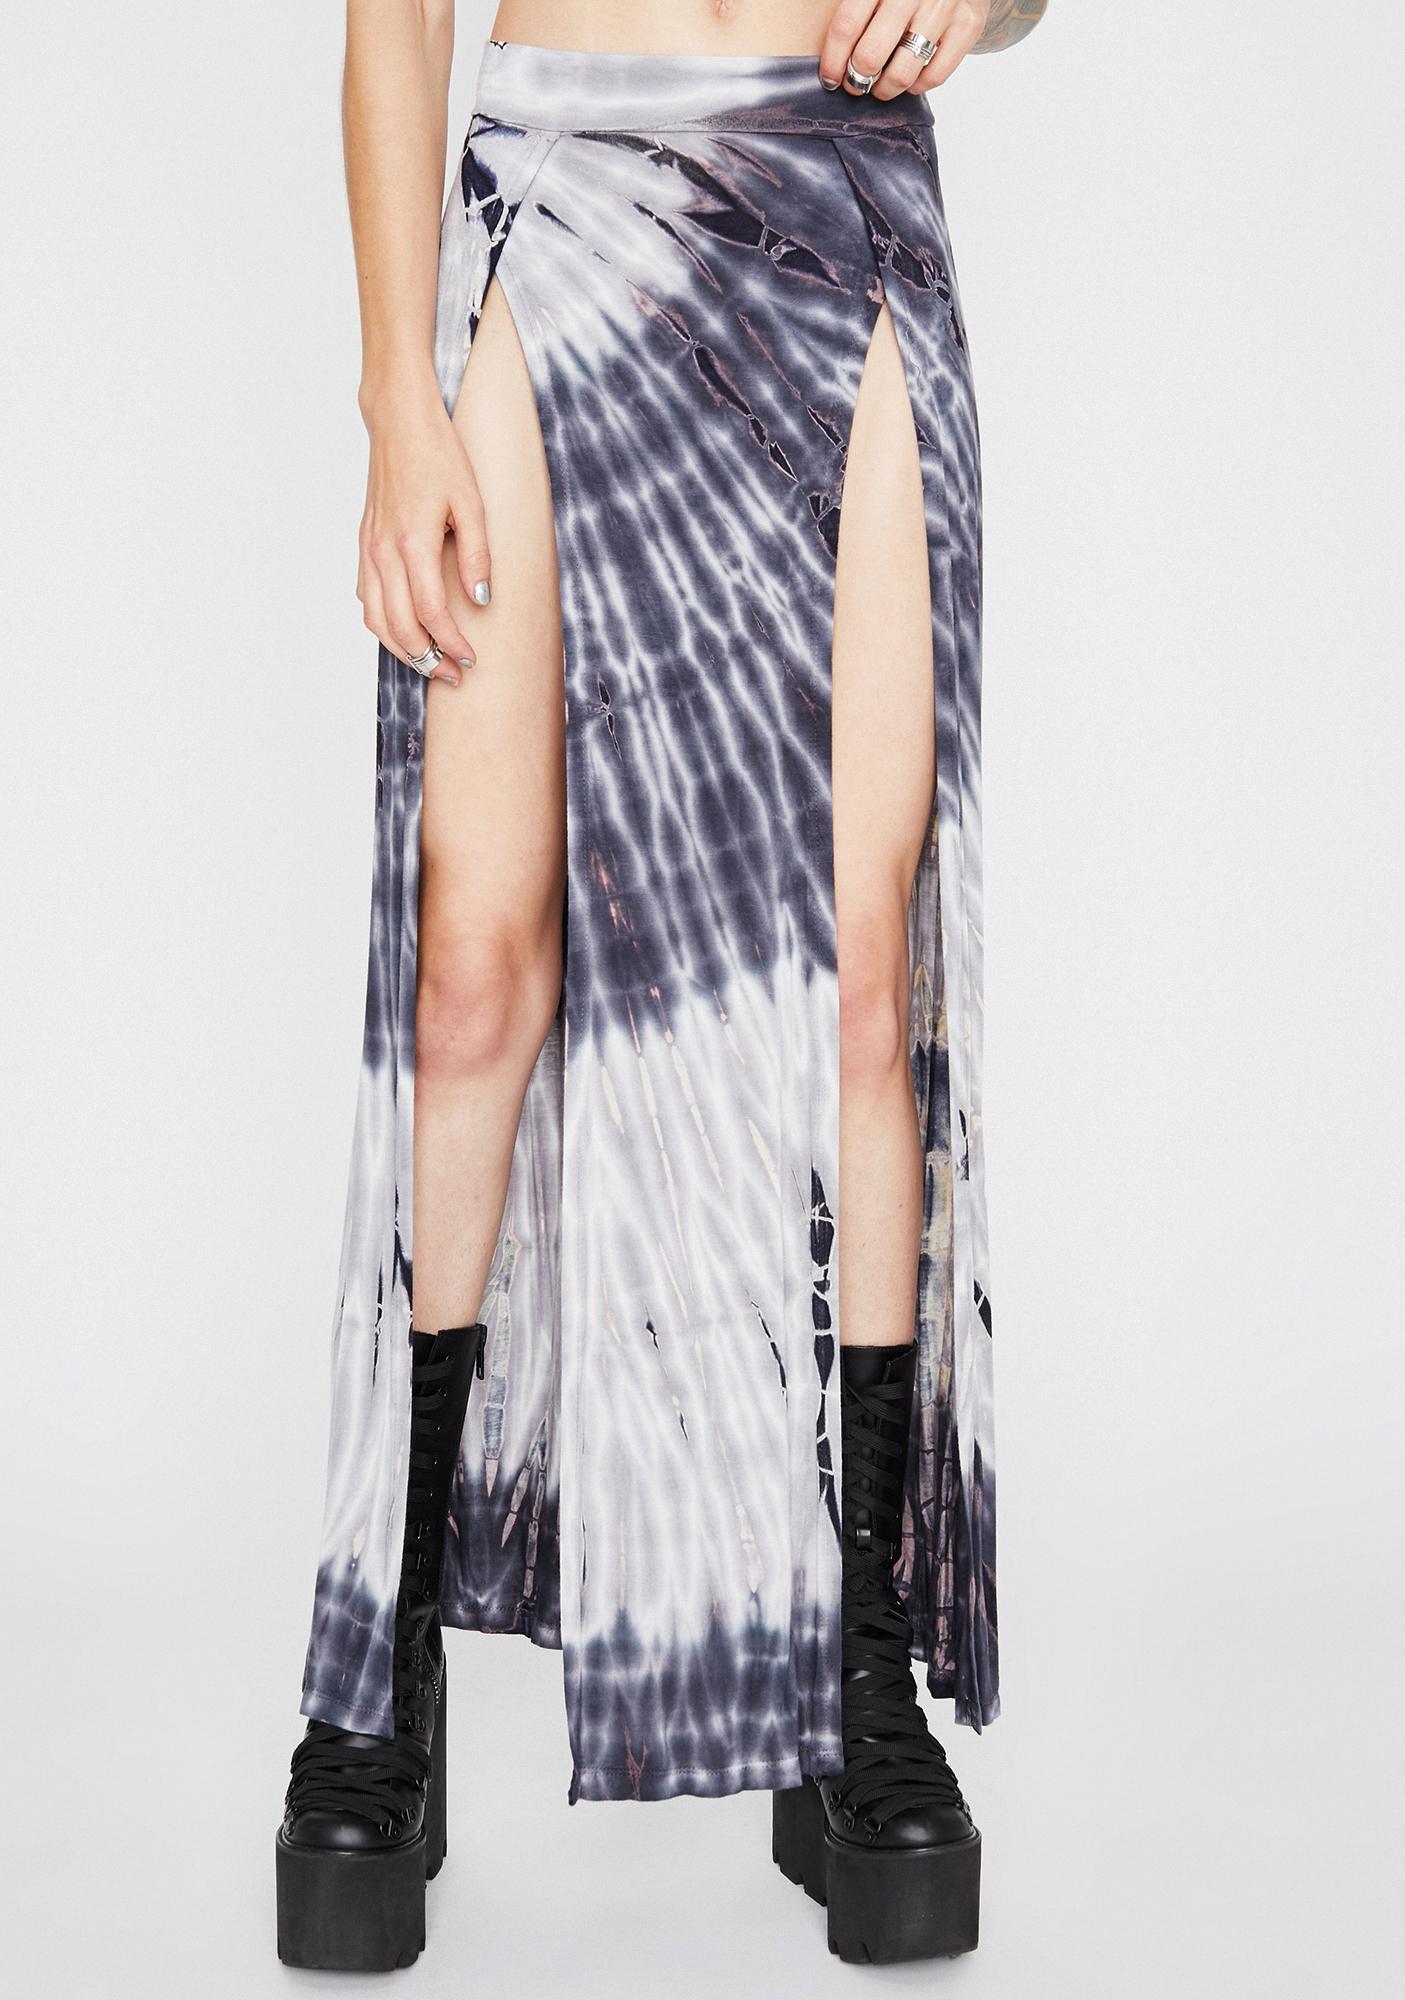 Trippin' On U Maxi Skirt